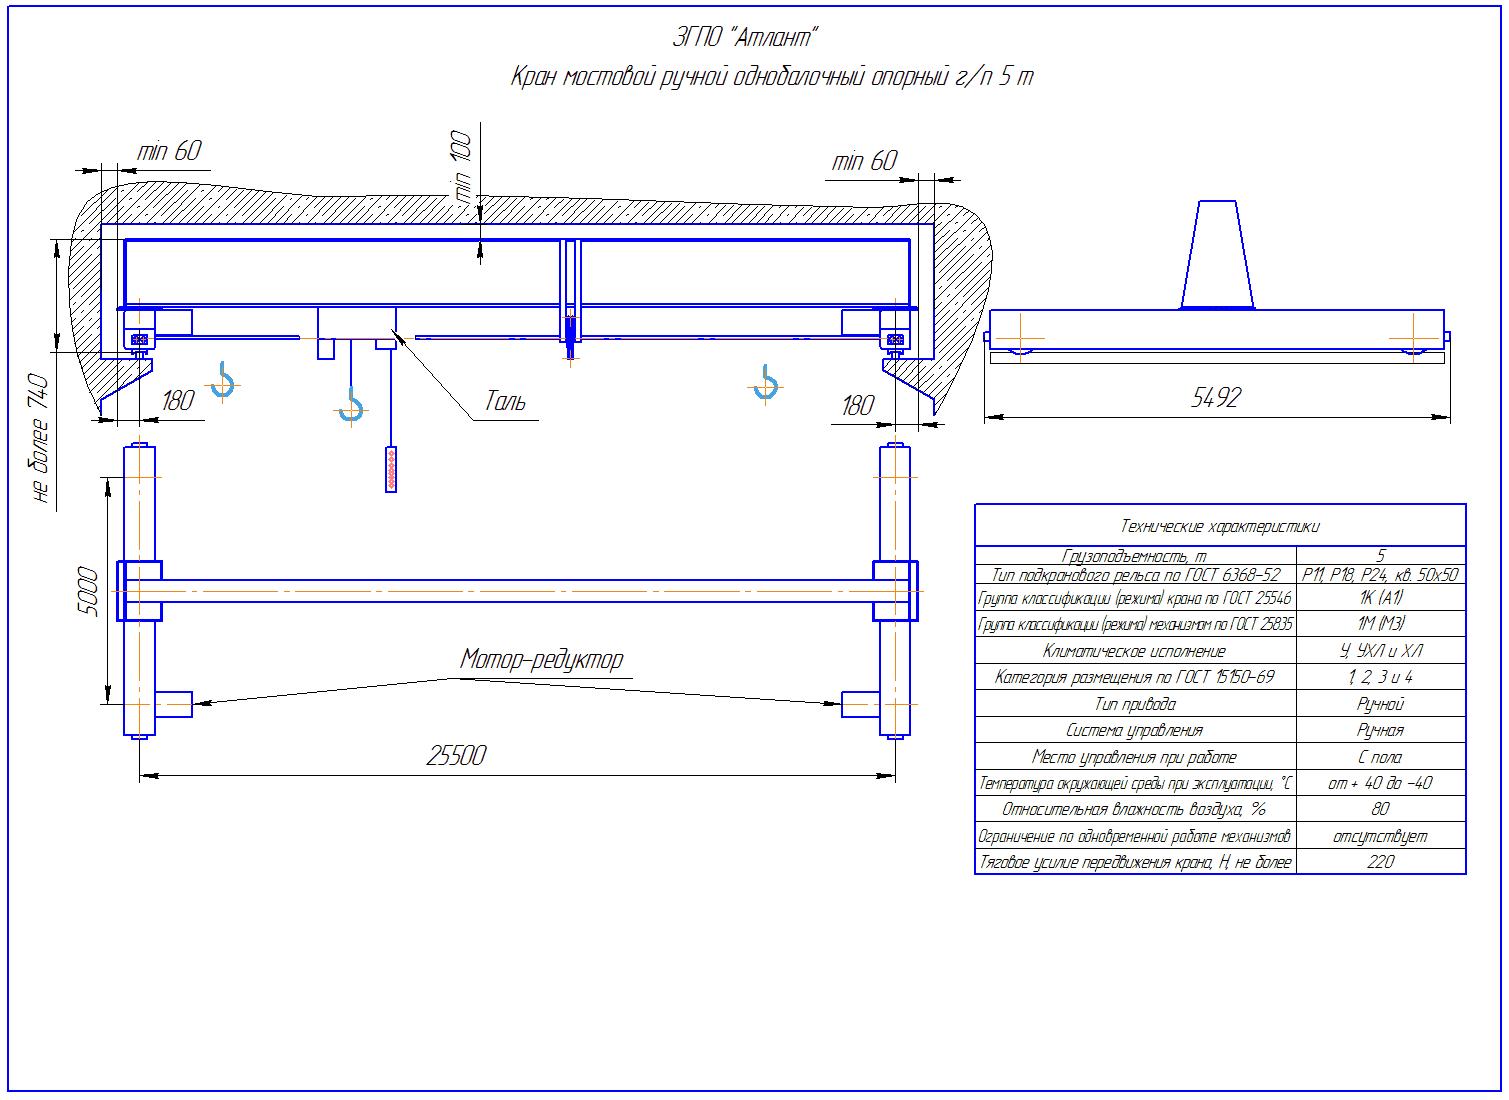 KRMOO 5 255 - Кран ручной мостовой опорный однобалочный